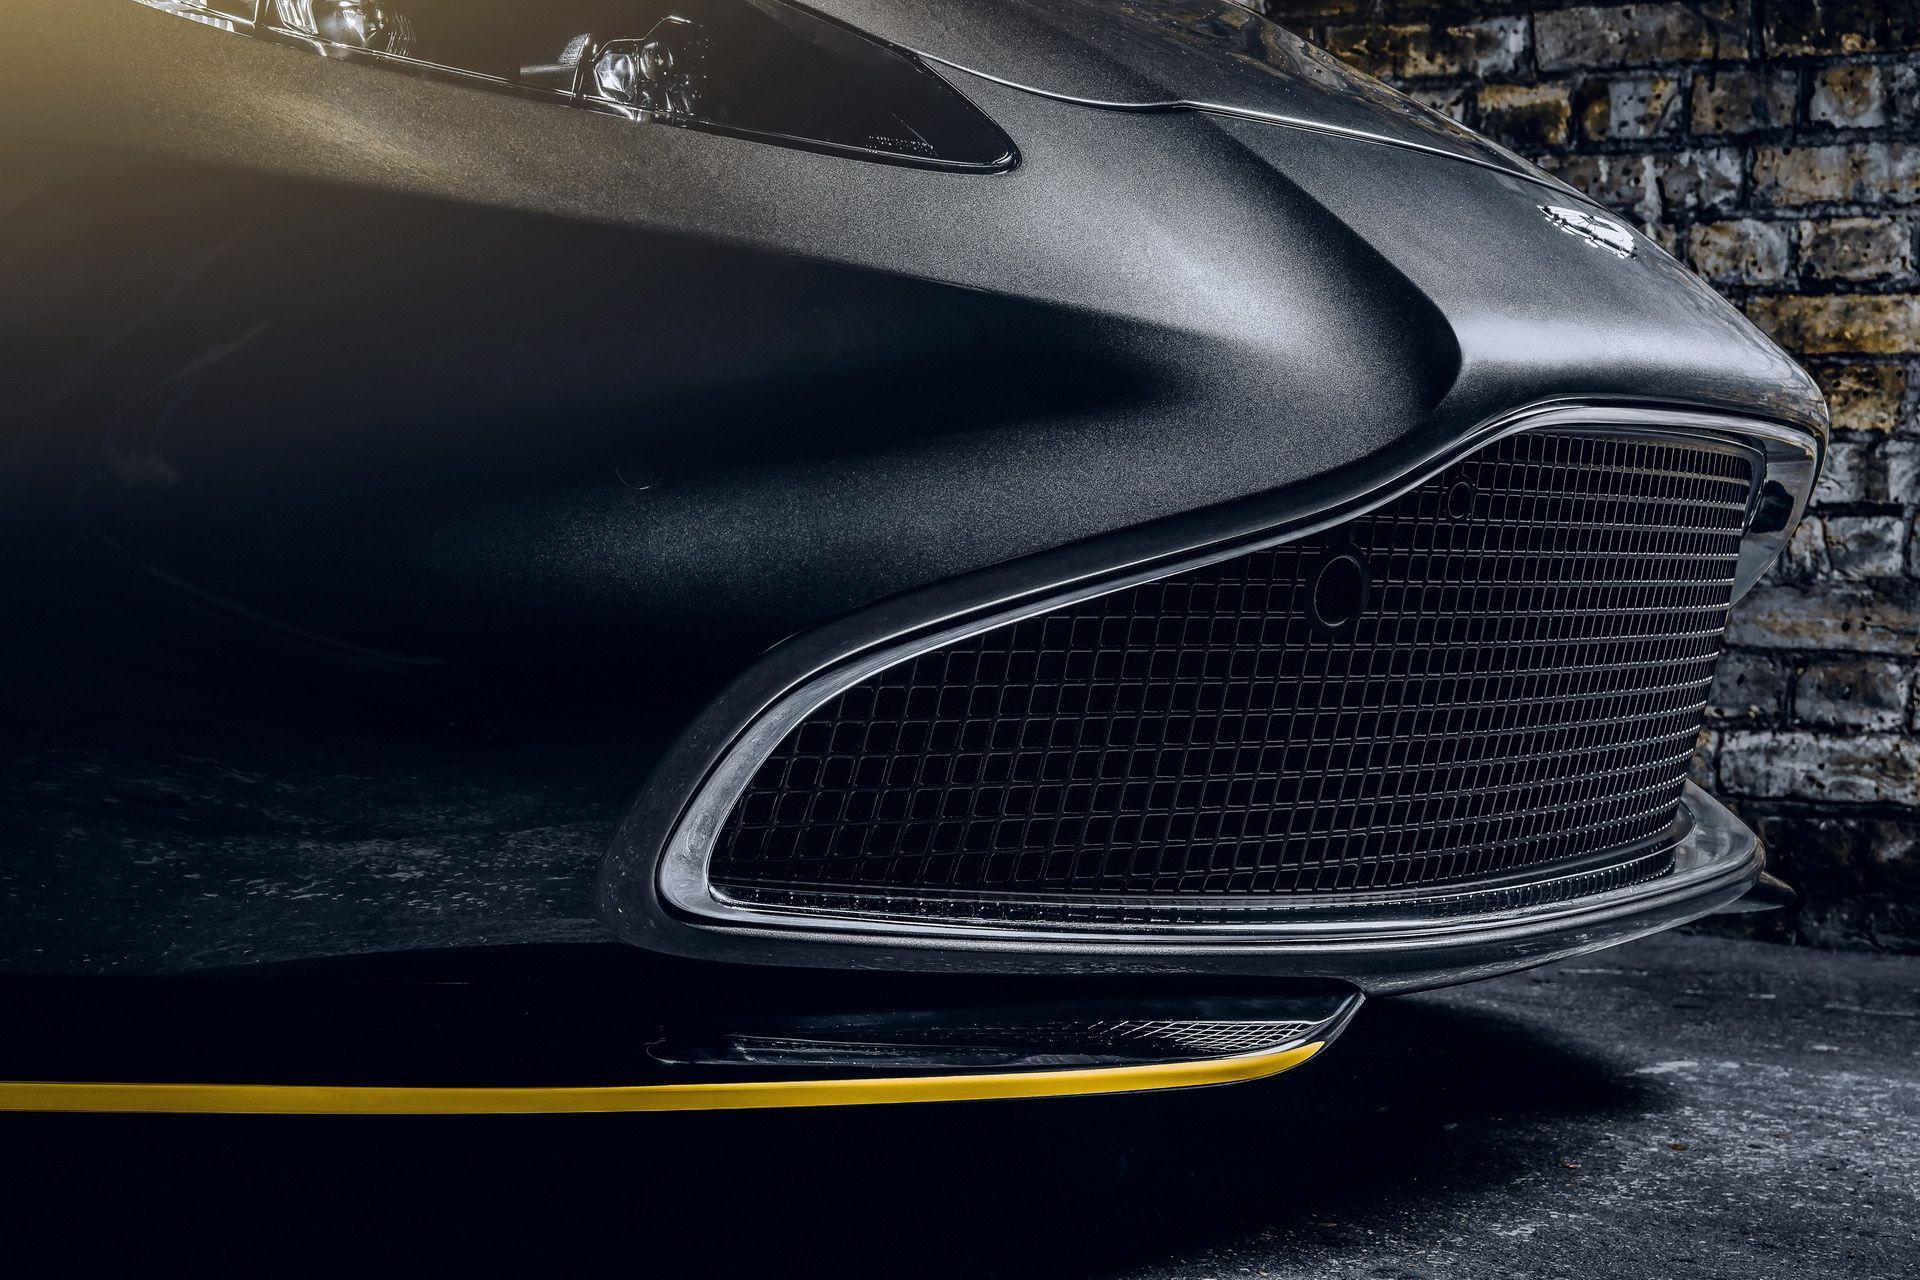 2021-aston-martin-vantage-007-edition-8